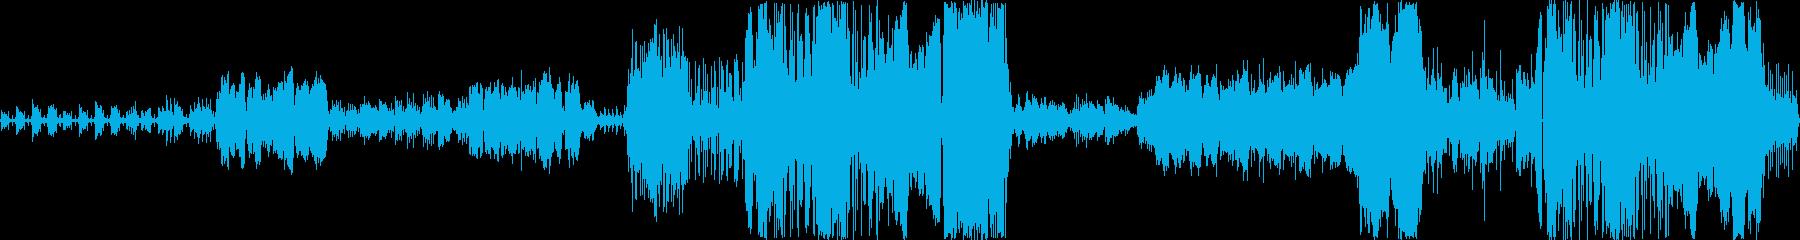 クラシック系映画音楽の再生済みの波形